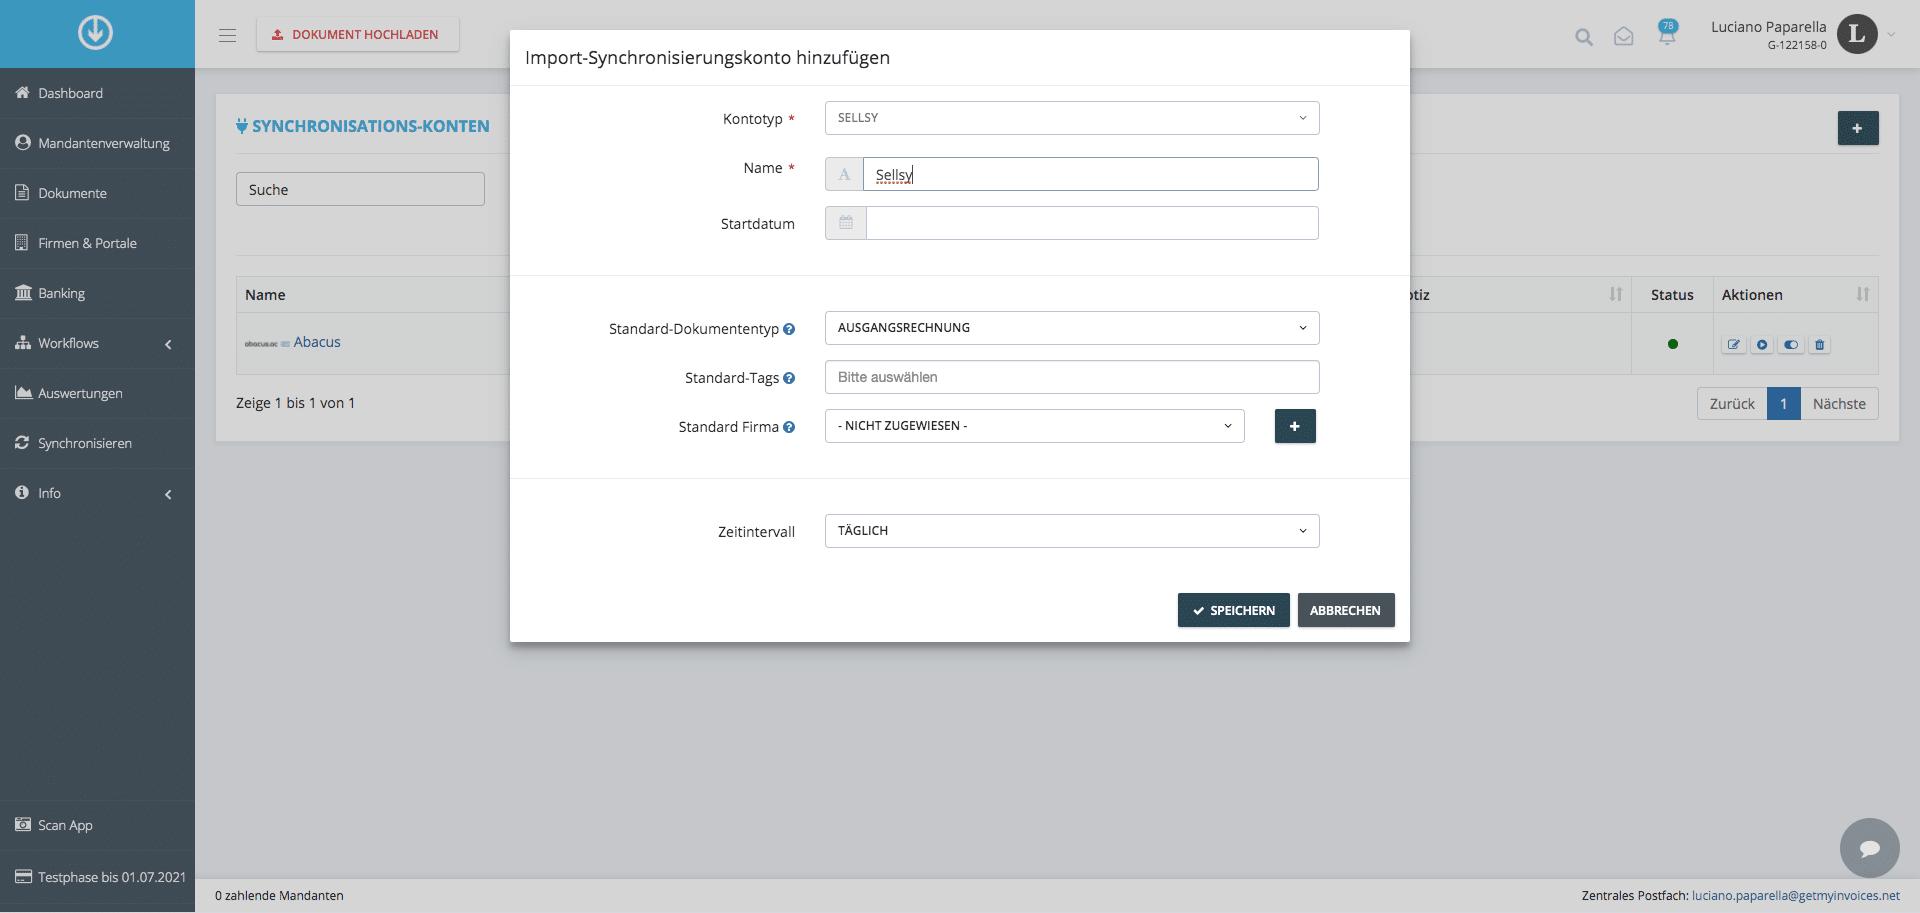 3. Añade la cuenta de sincronización de importación